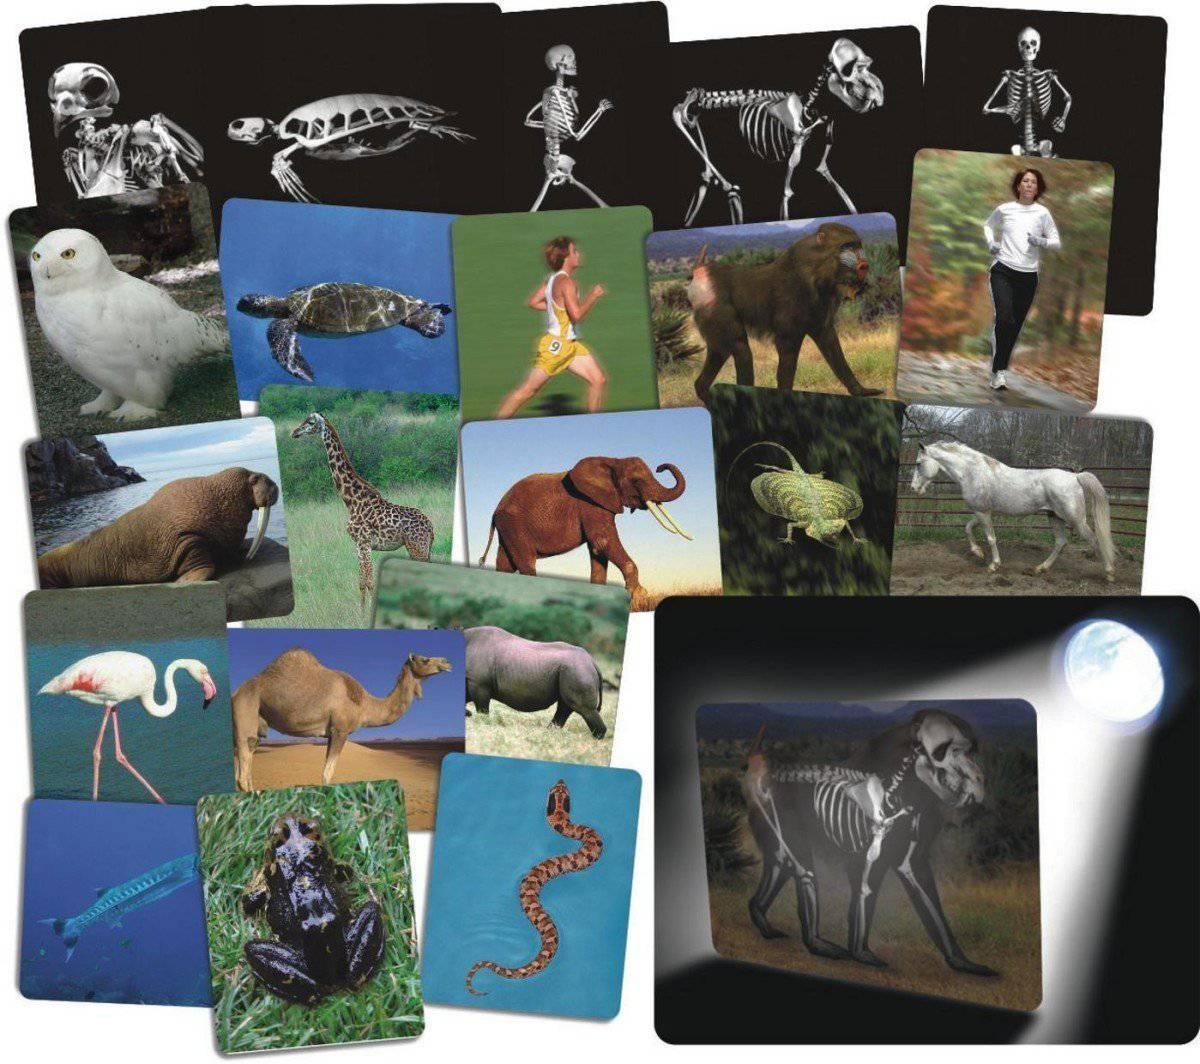 Qué hay dentro de los animales?